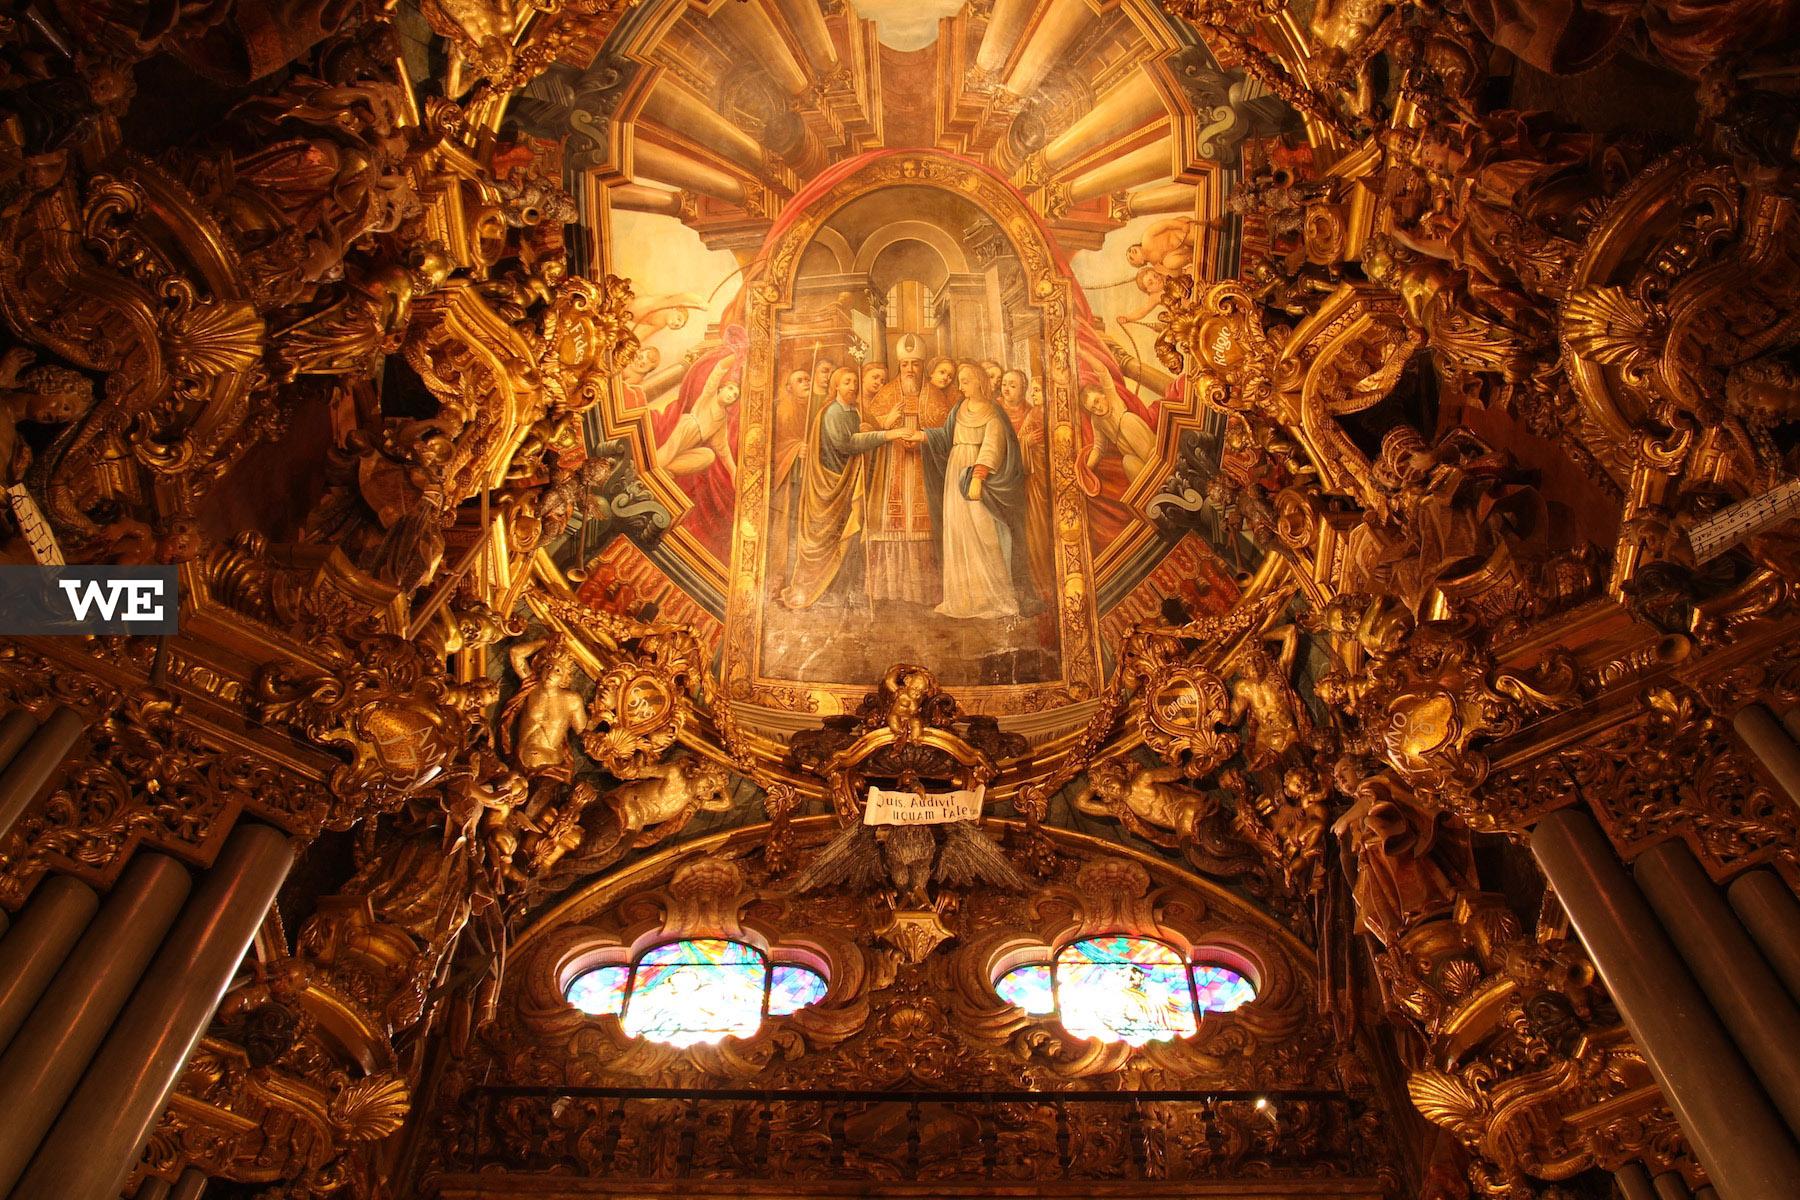 O interior da Sé de Braga, com destaque para os seus tectos trabalhados e as talhas douradas, típicas do Barroco